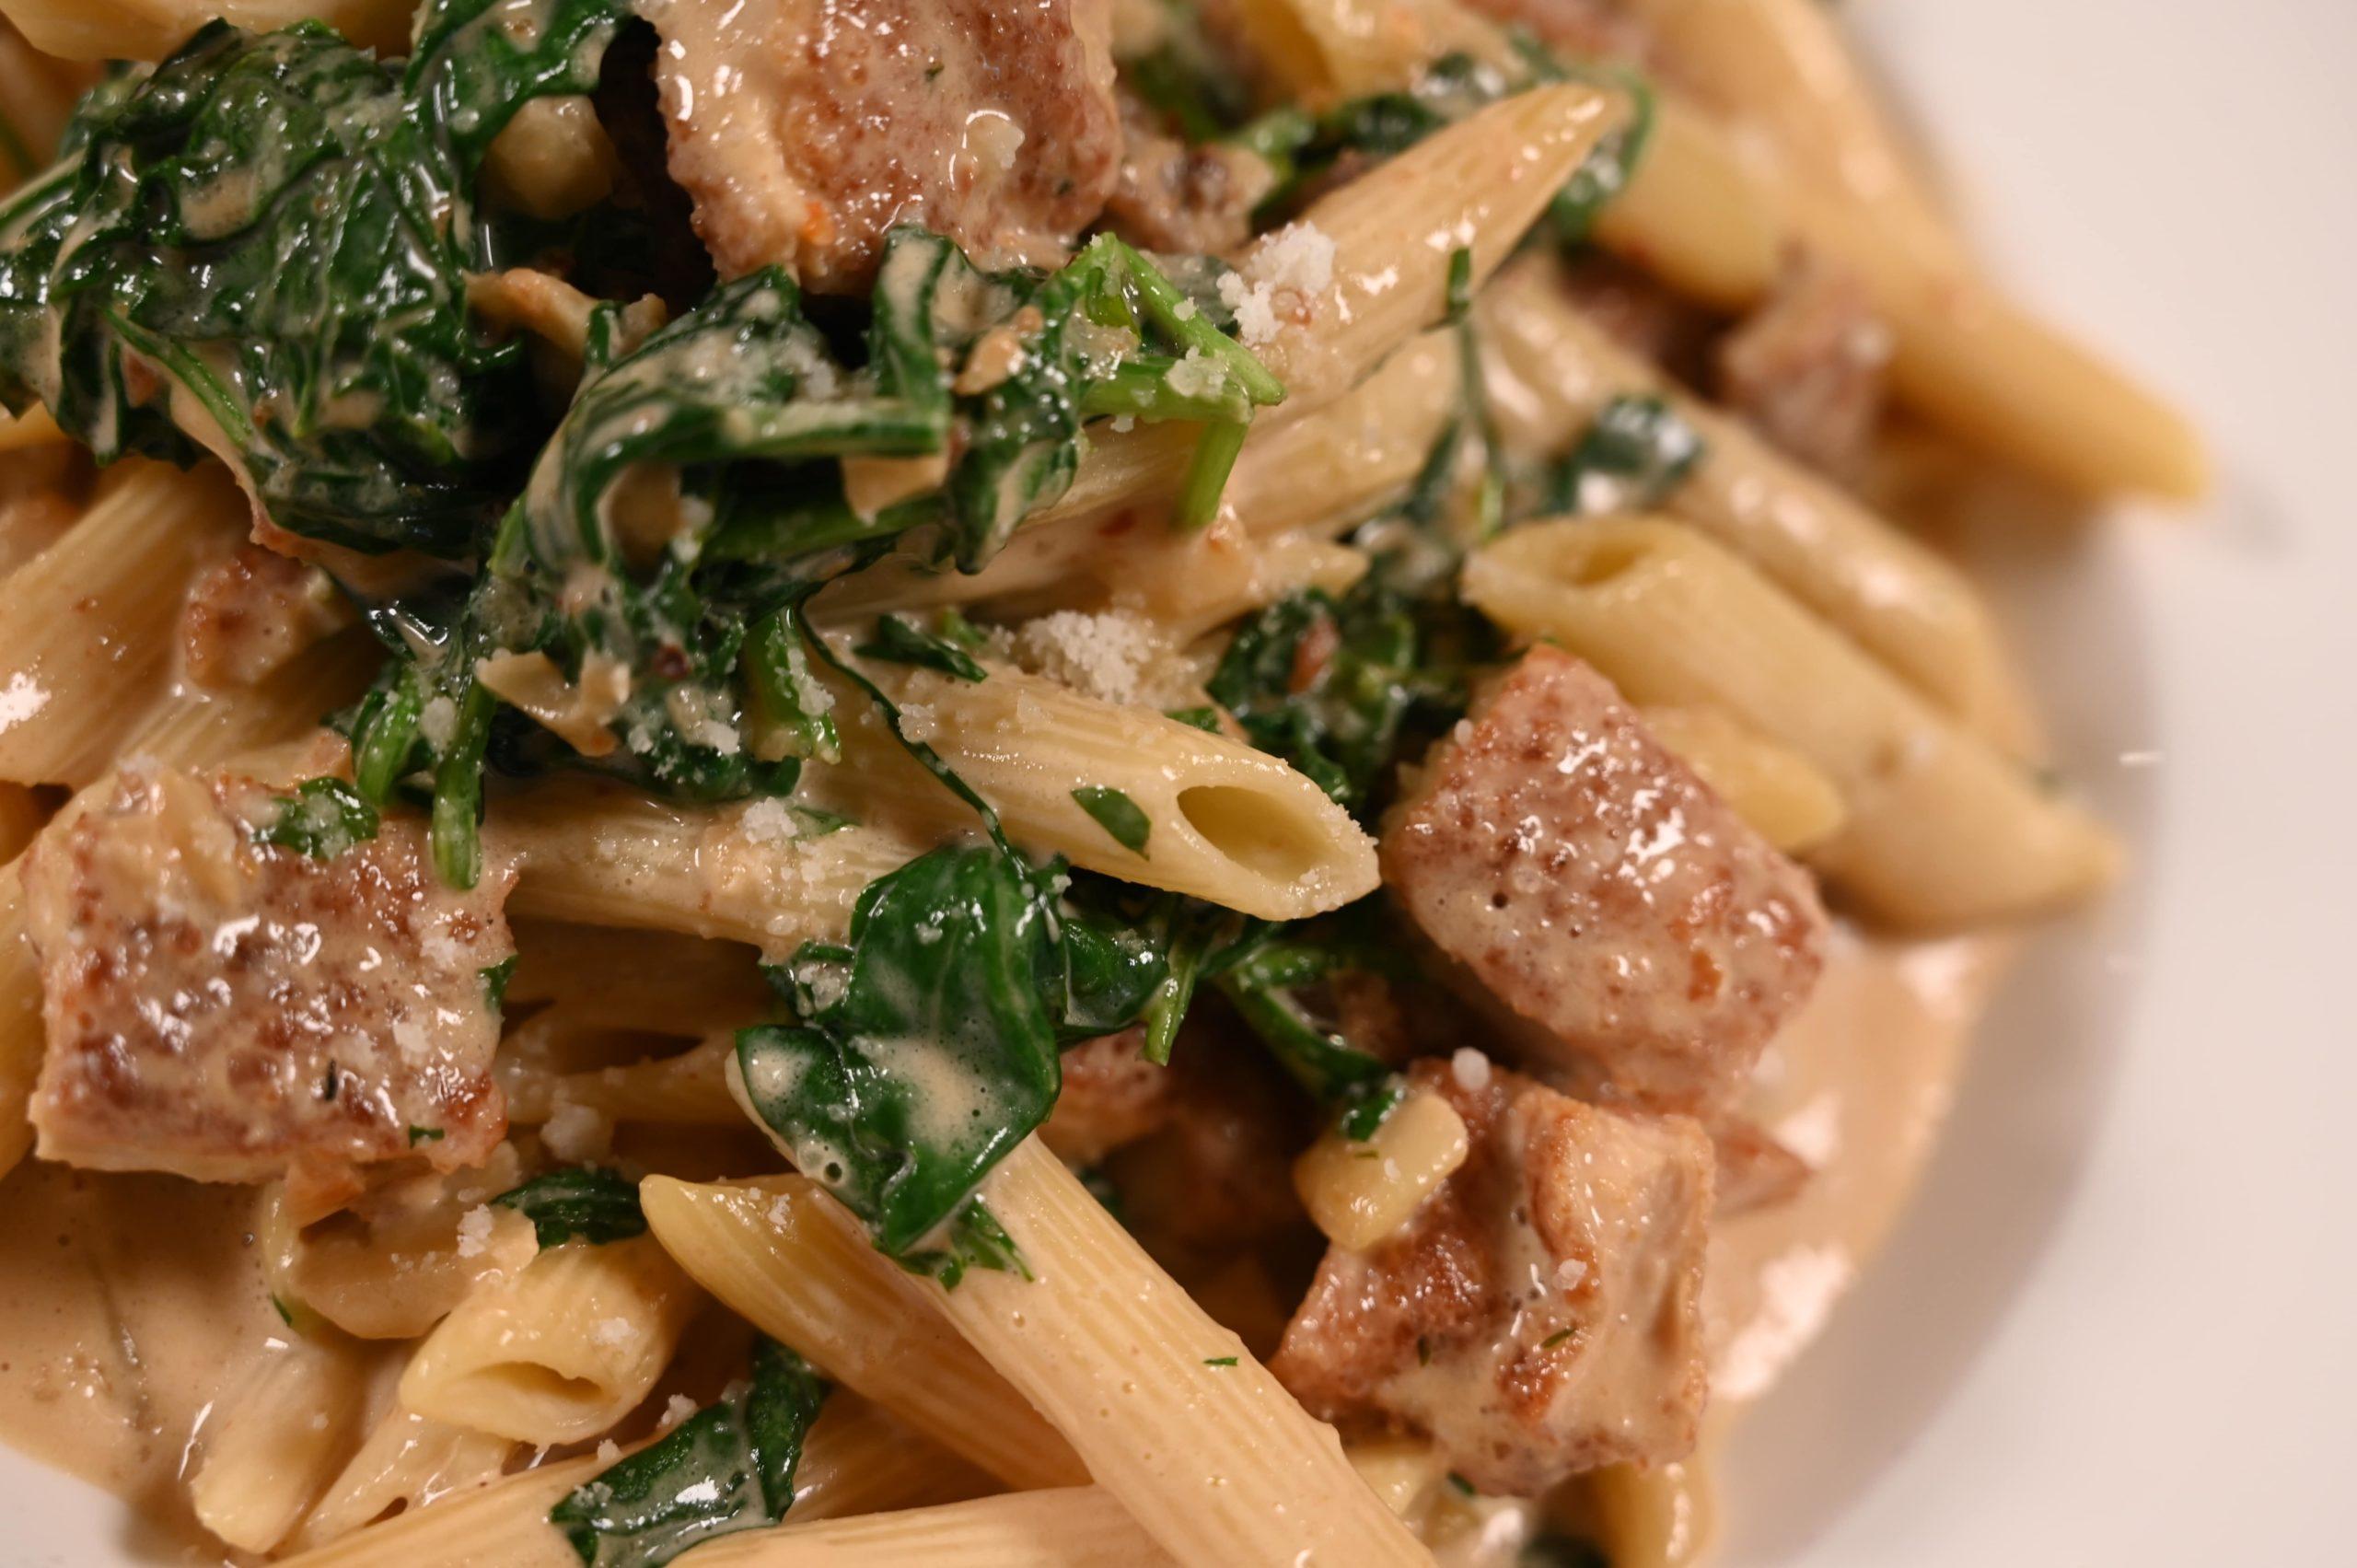 penne typical, grilled chicken, garlic, spinach, cream sauce